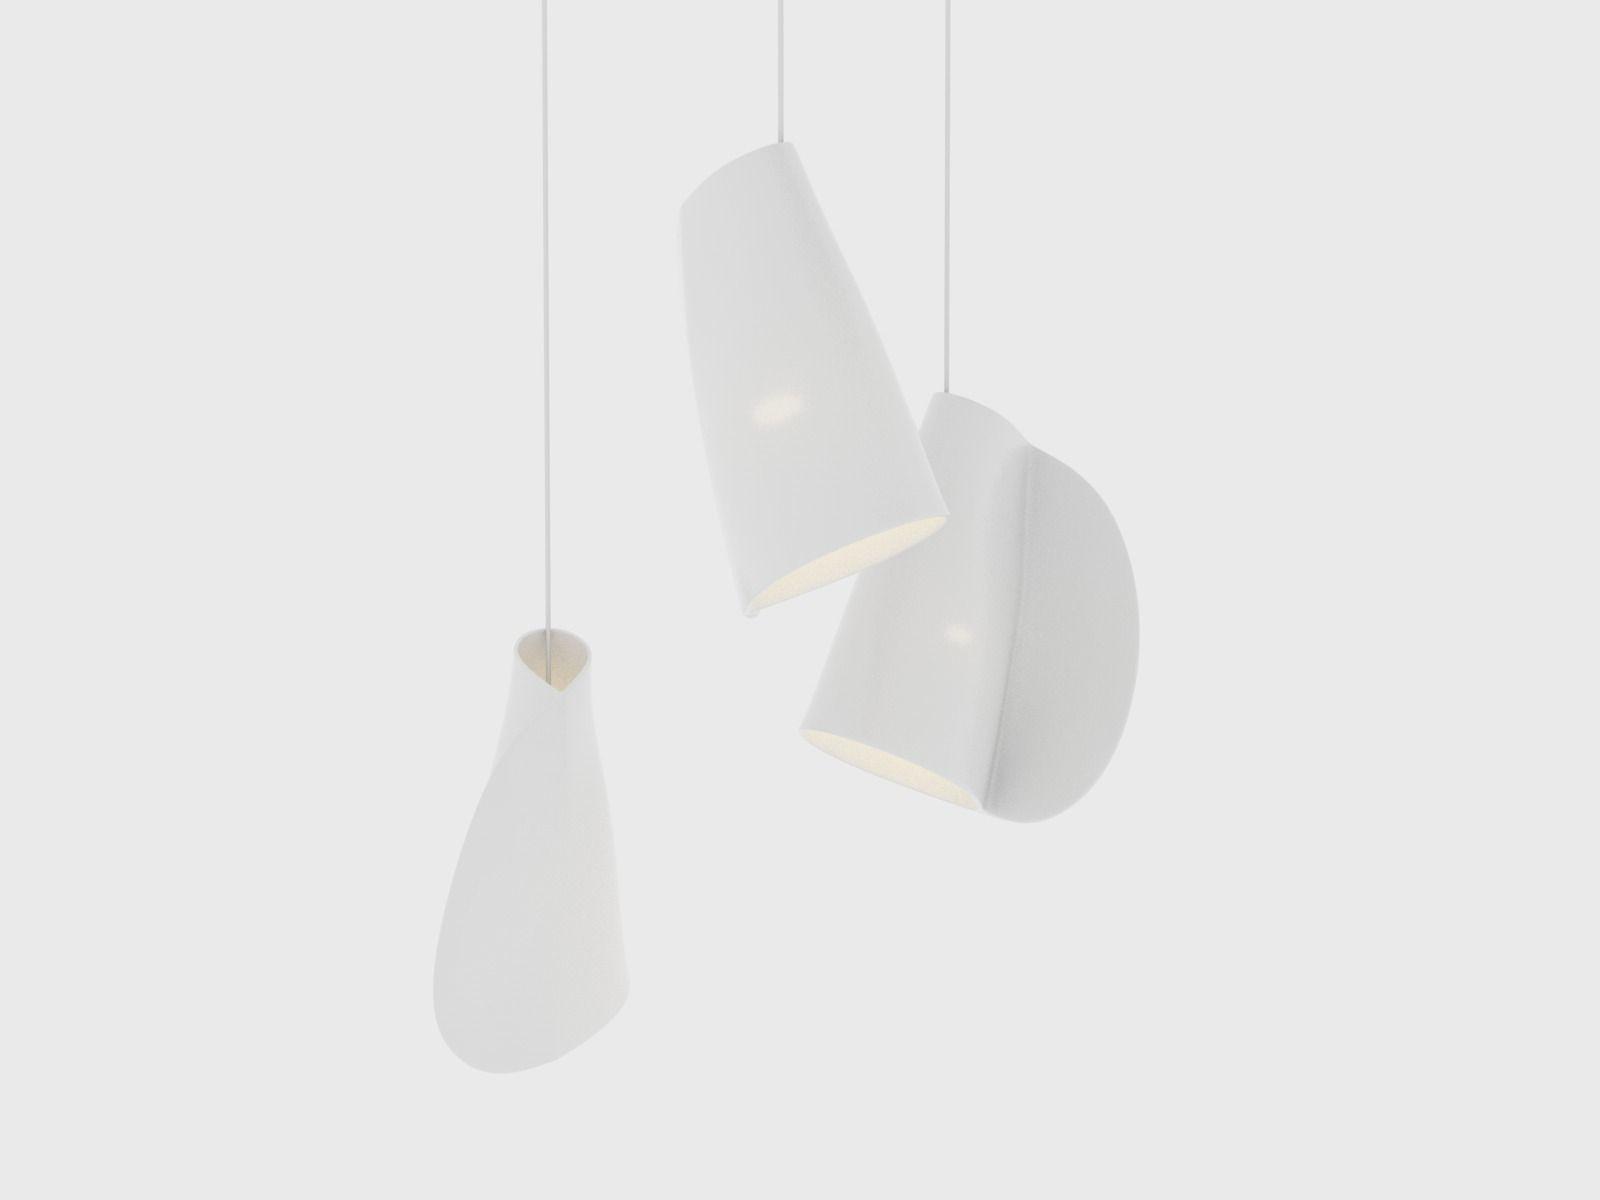 Porcelain pendant lights bocci 3d model cgtrader porcelain pendant lights bocci 3d model obj mtl 3ds c4d 1 aloadofball Choice Image